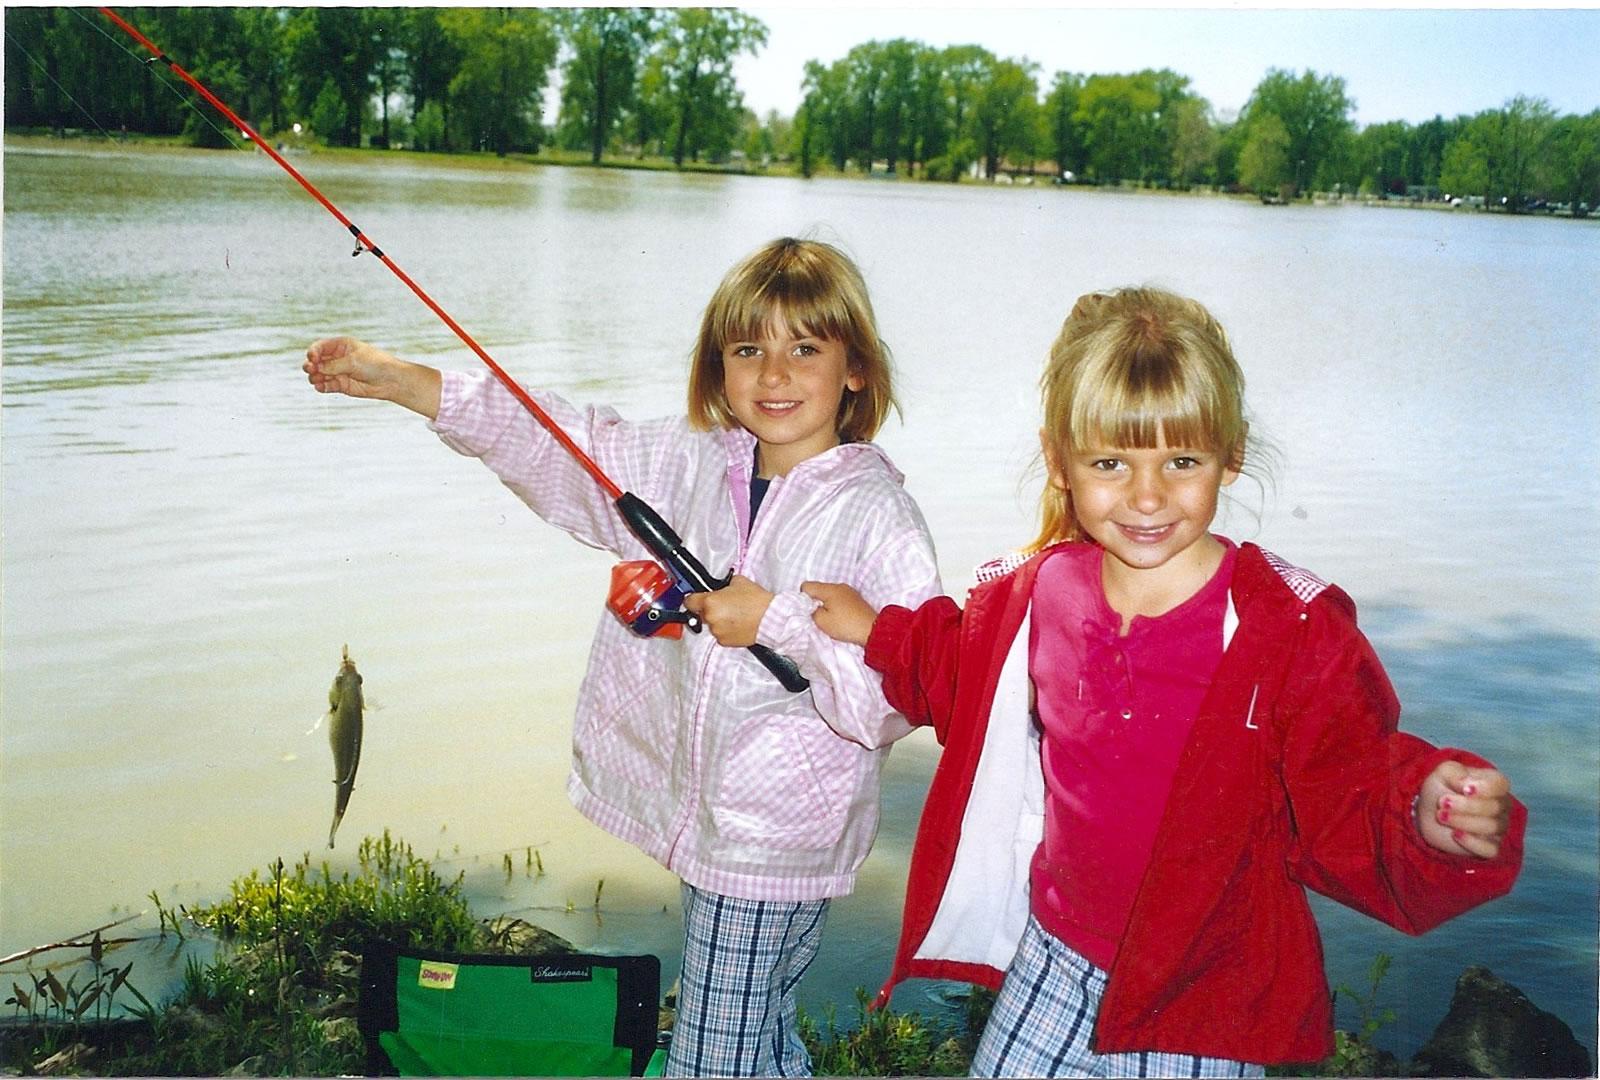 Skylar & Lexy fishing and loving it!